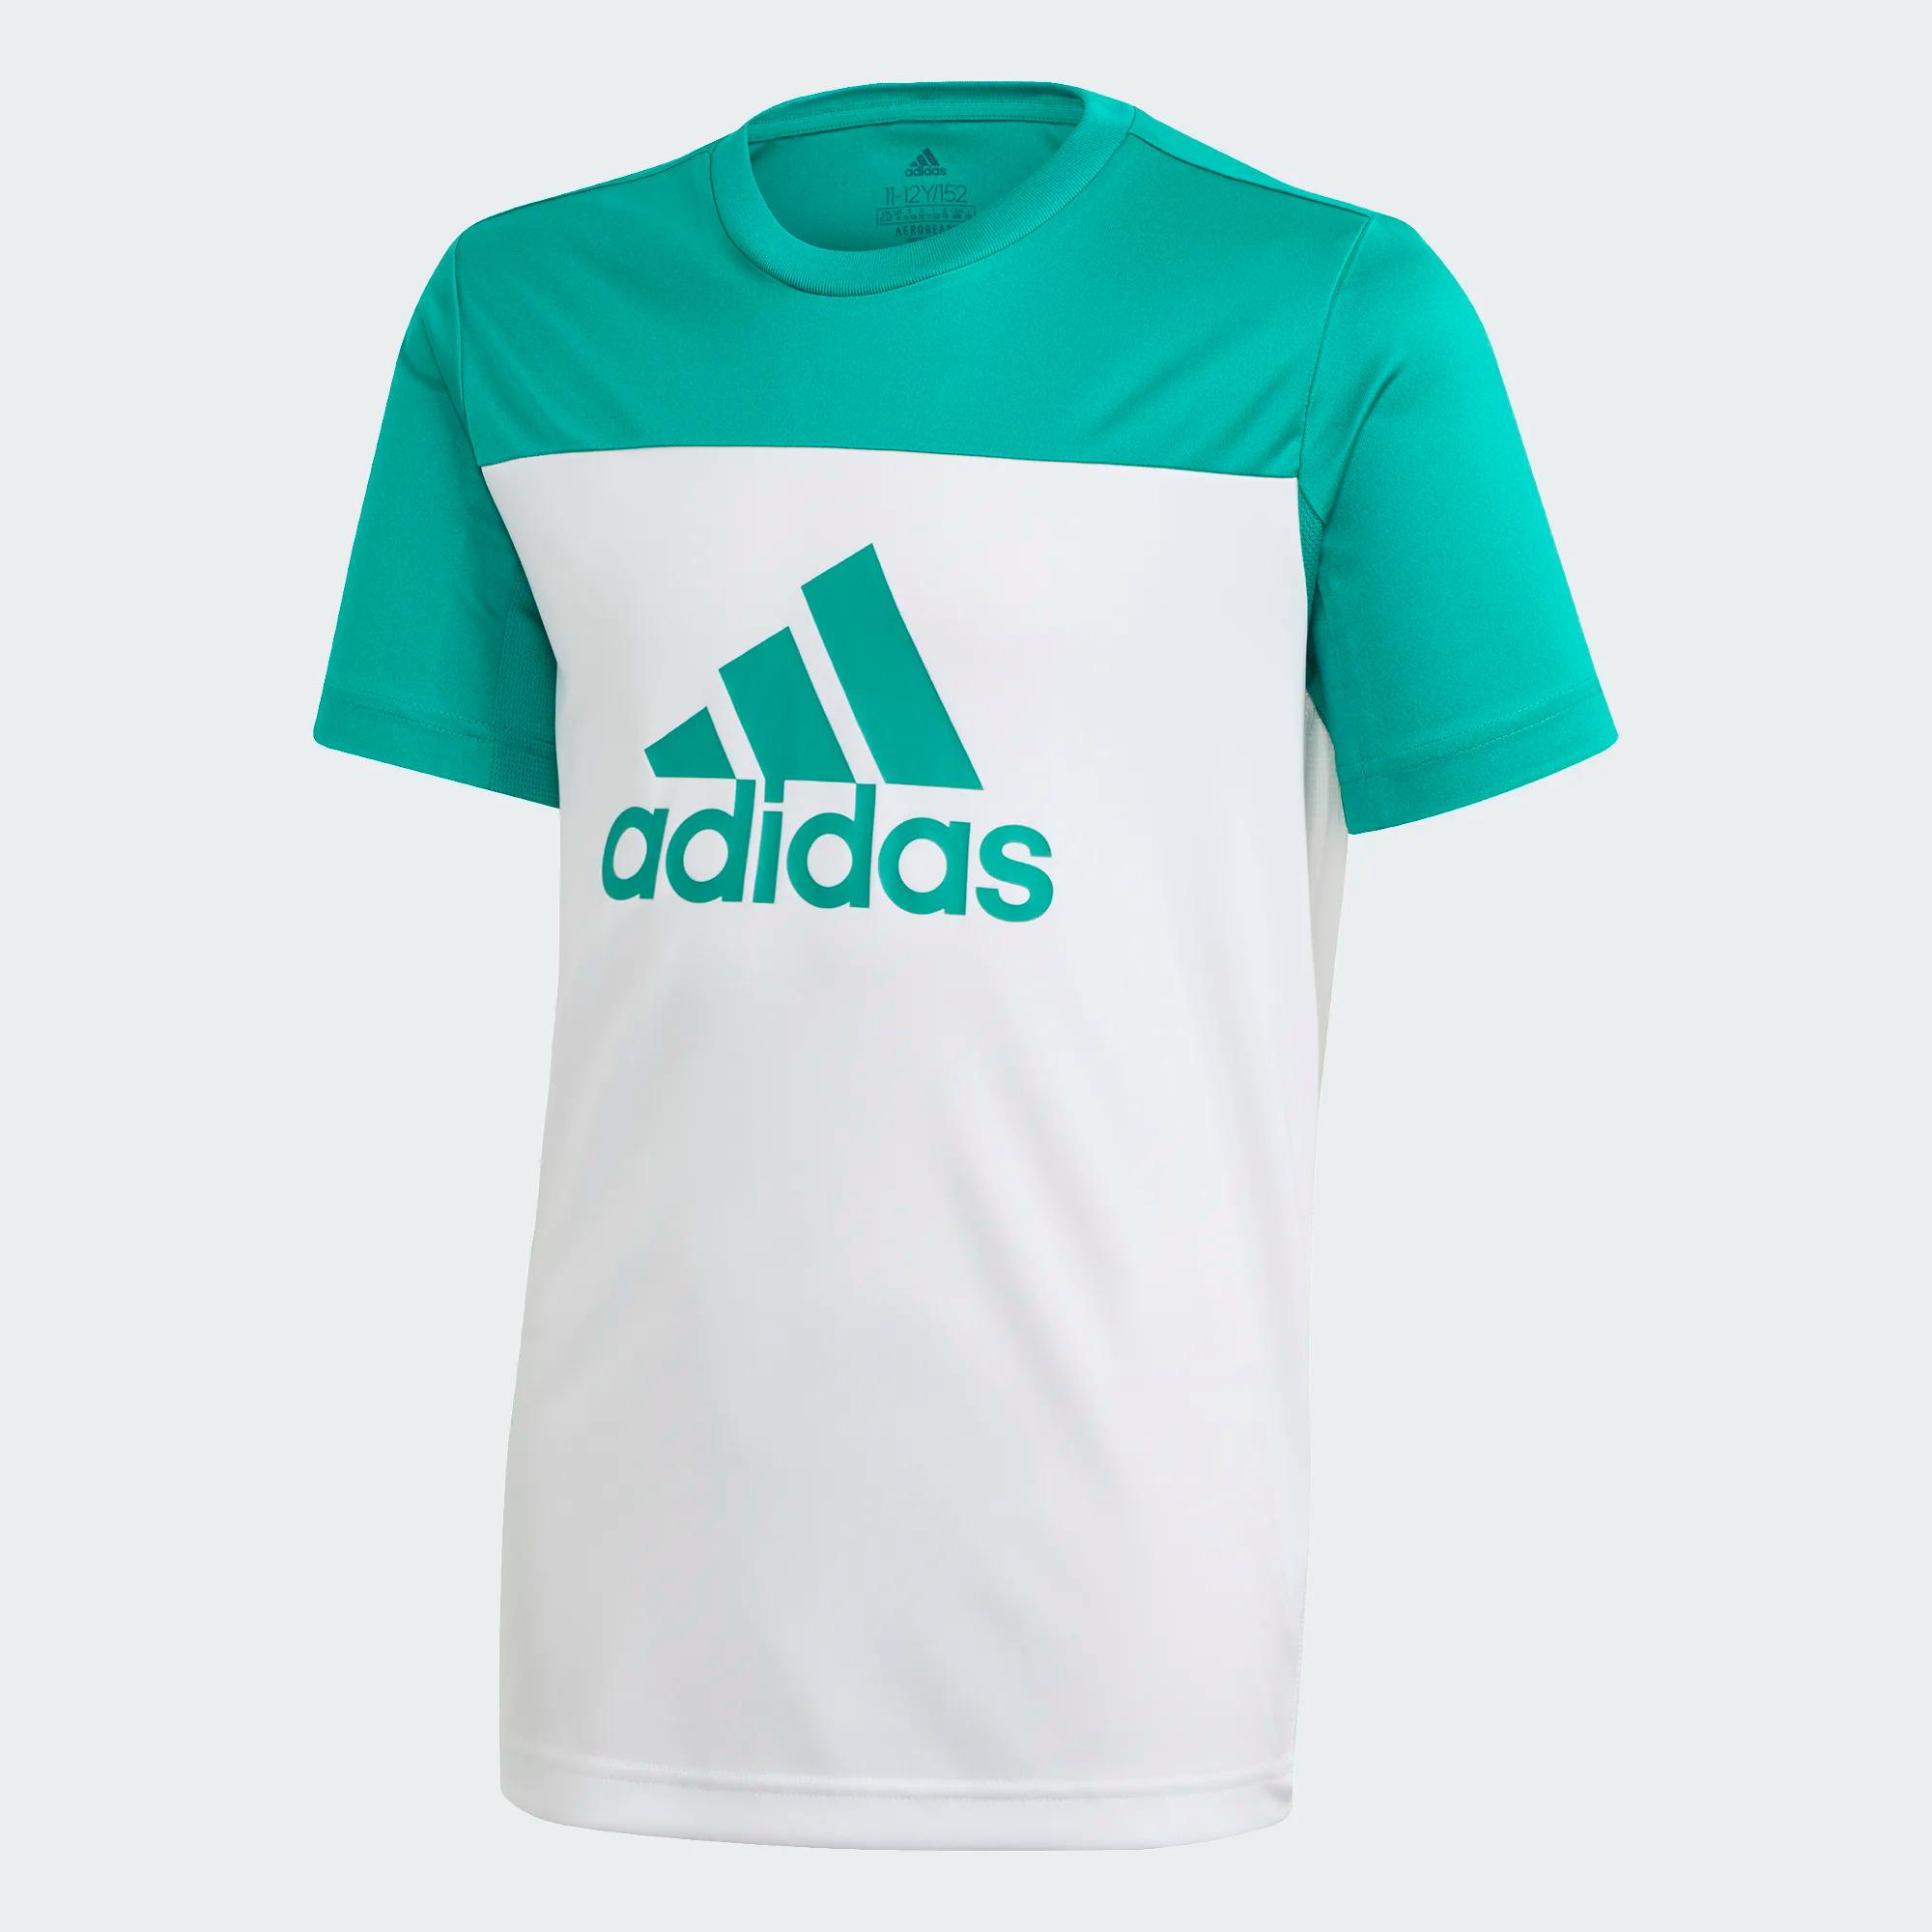 Adidas Kinder T-Shirt Equip - weiß/grün